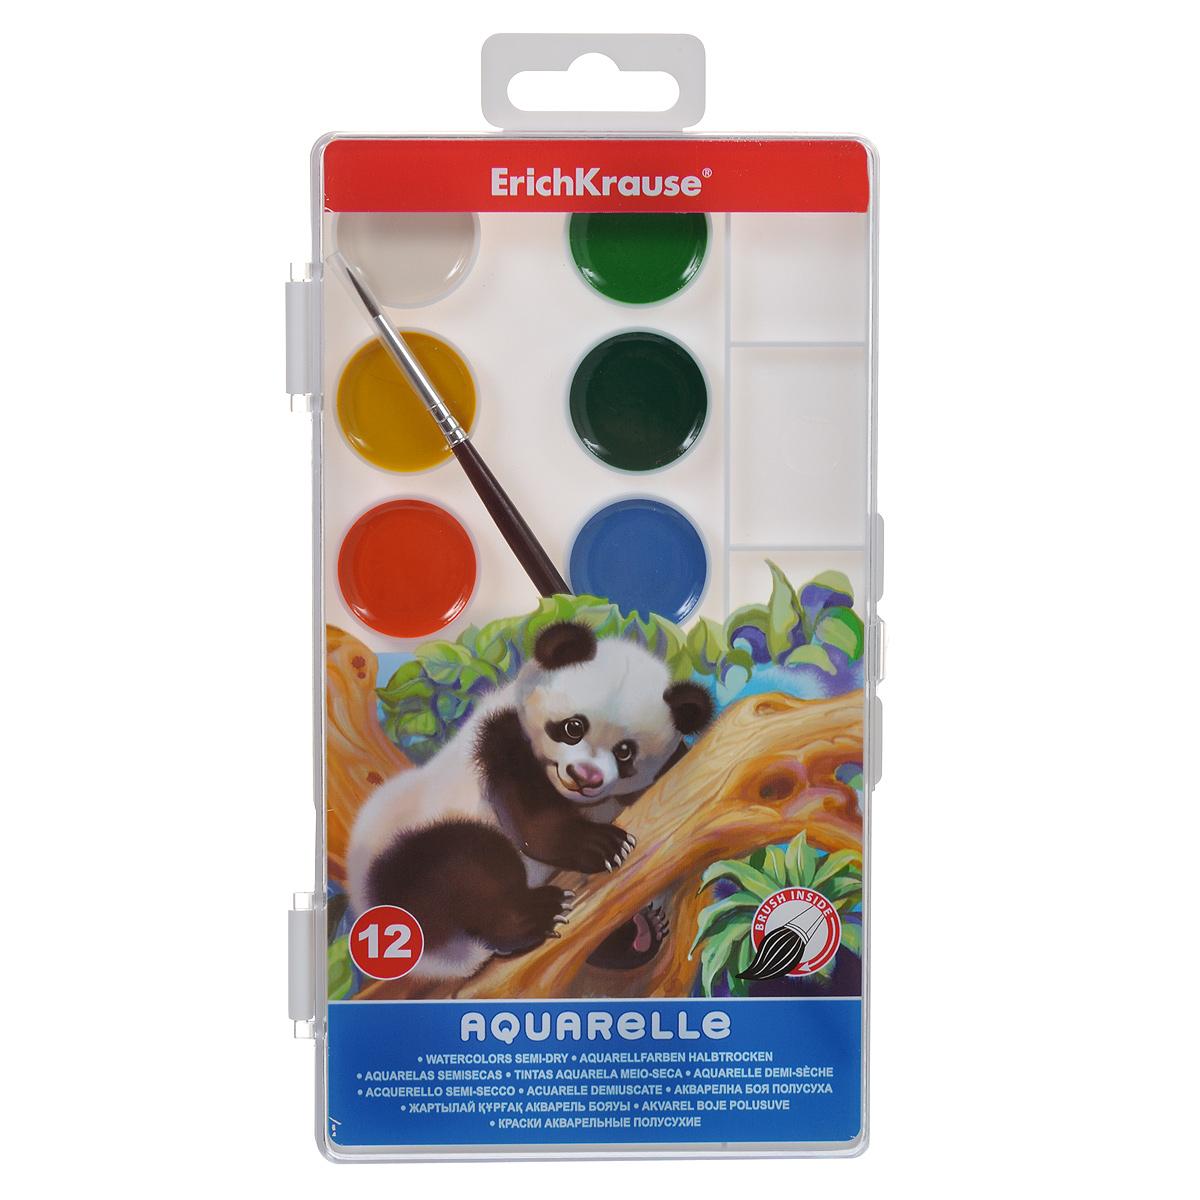 Акварель медовая Erich Krause, с палитрой и кистью, 12 цветовFS-00103Медовая акварель Erich Krause с палитрой идеально подойдет для детского художественного творчества, изобразительных и оформительских работ. Краски легко размываются, создавая прозрачный цветной слой, легко смешиваются между собой, не крошатся и не смазываются, быстро сохнут.Краски 12 цветов представлены в основе круглой формы. В комплект также входит кисть с защитным колпачком. В процессе рисования у детей развивается наглядно-образное мышление, воображение, мелкая моторика рук, творческие и художественные способности, вырабатывается усидчивость и аккуратность.